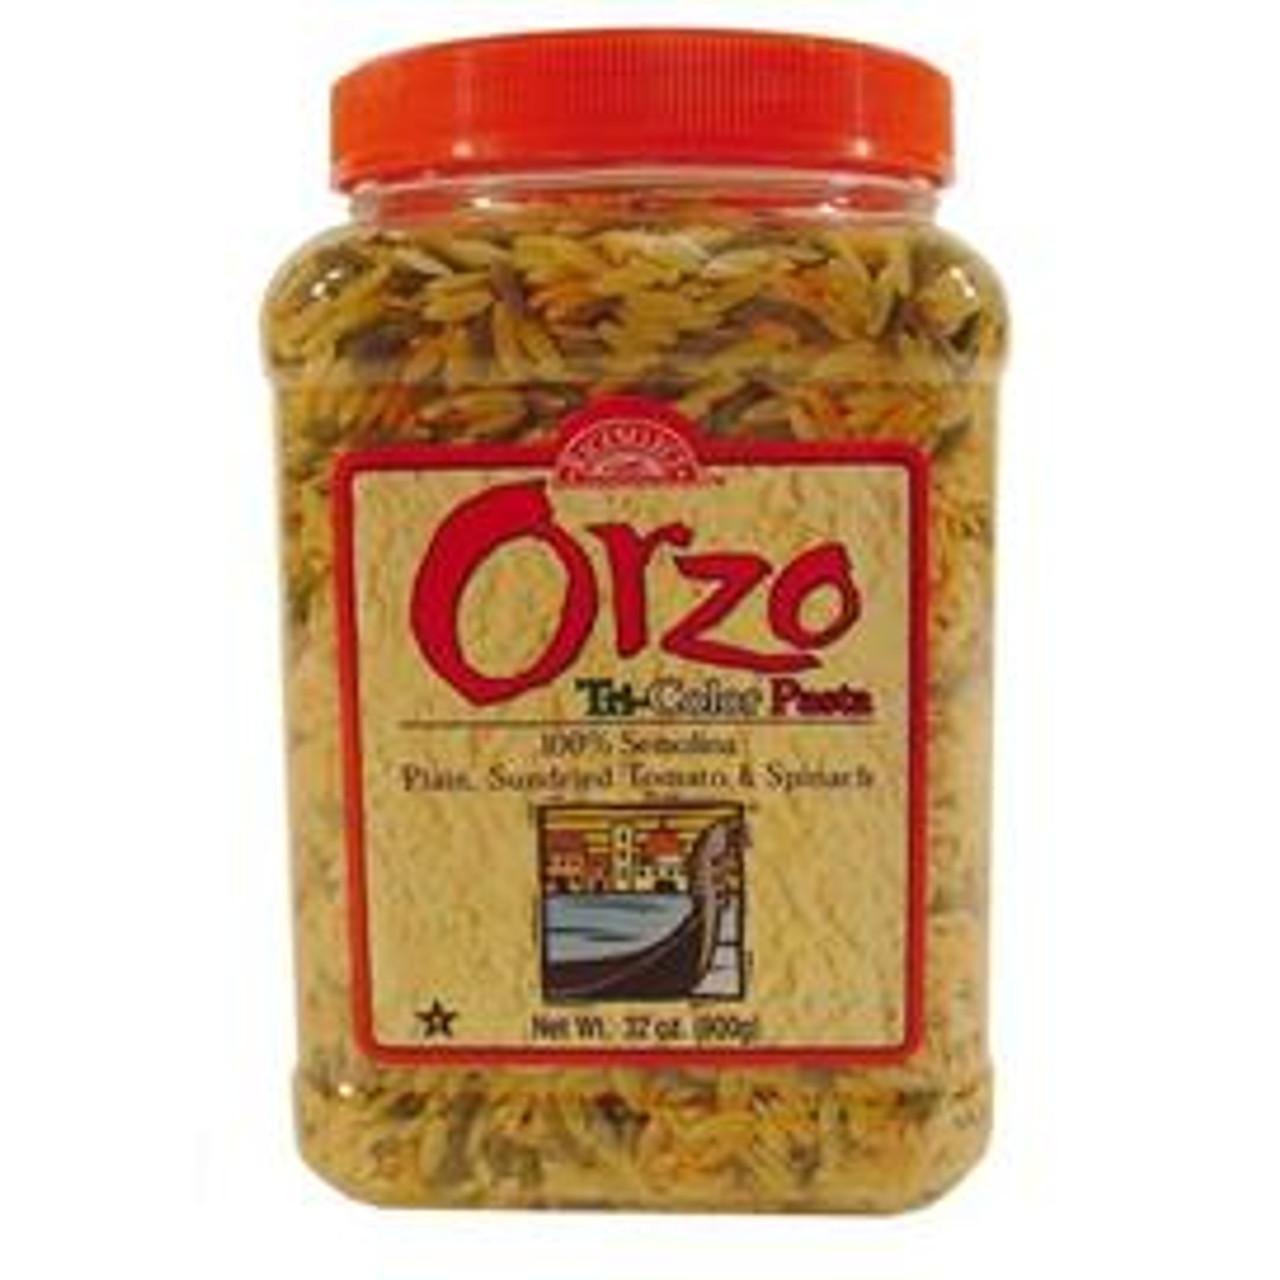 Tri-Color Orzo Pasta